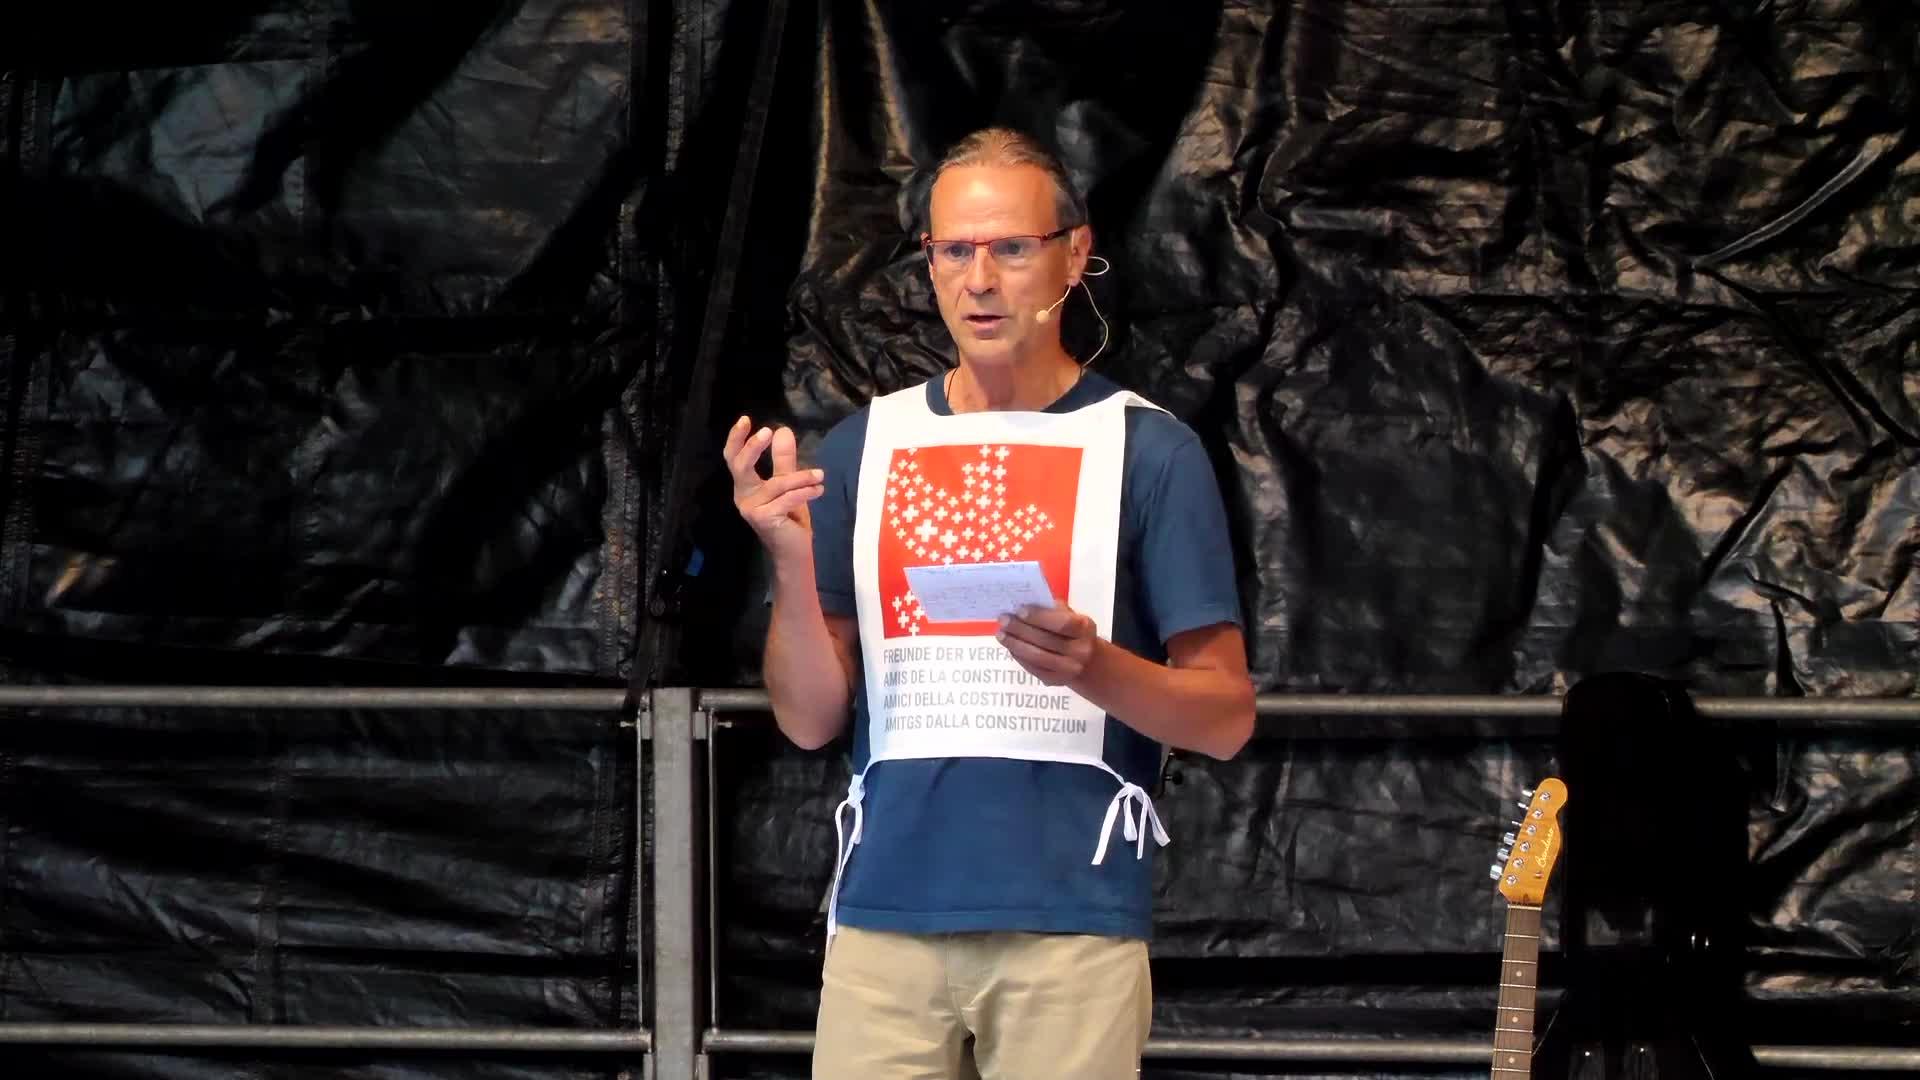 Kundgebung Luzern 31-08-2021: Ansprache: Werner Boxler